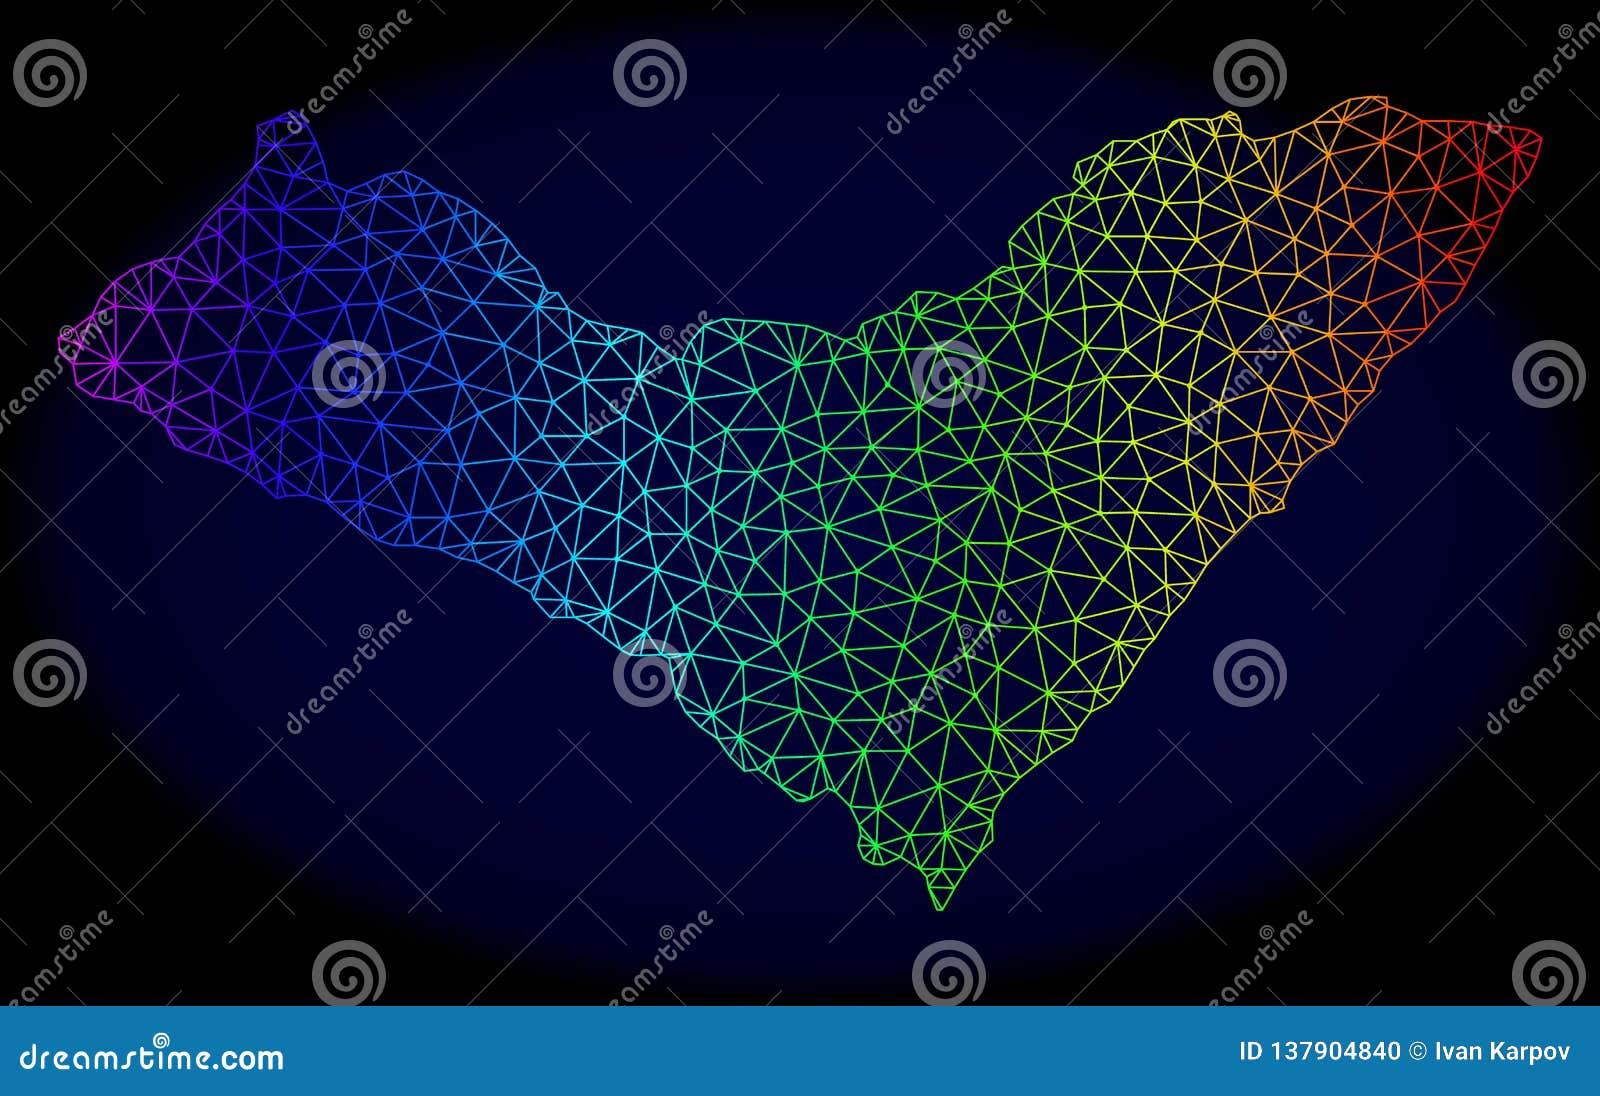 2D arcobaleno poligonale Mesh Vector Map dello stato dell Alagoas